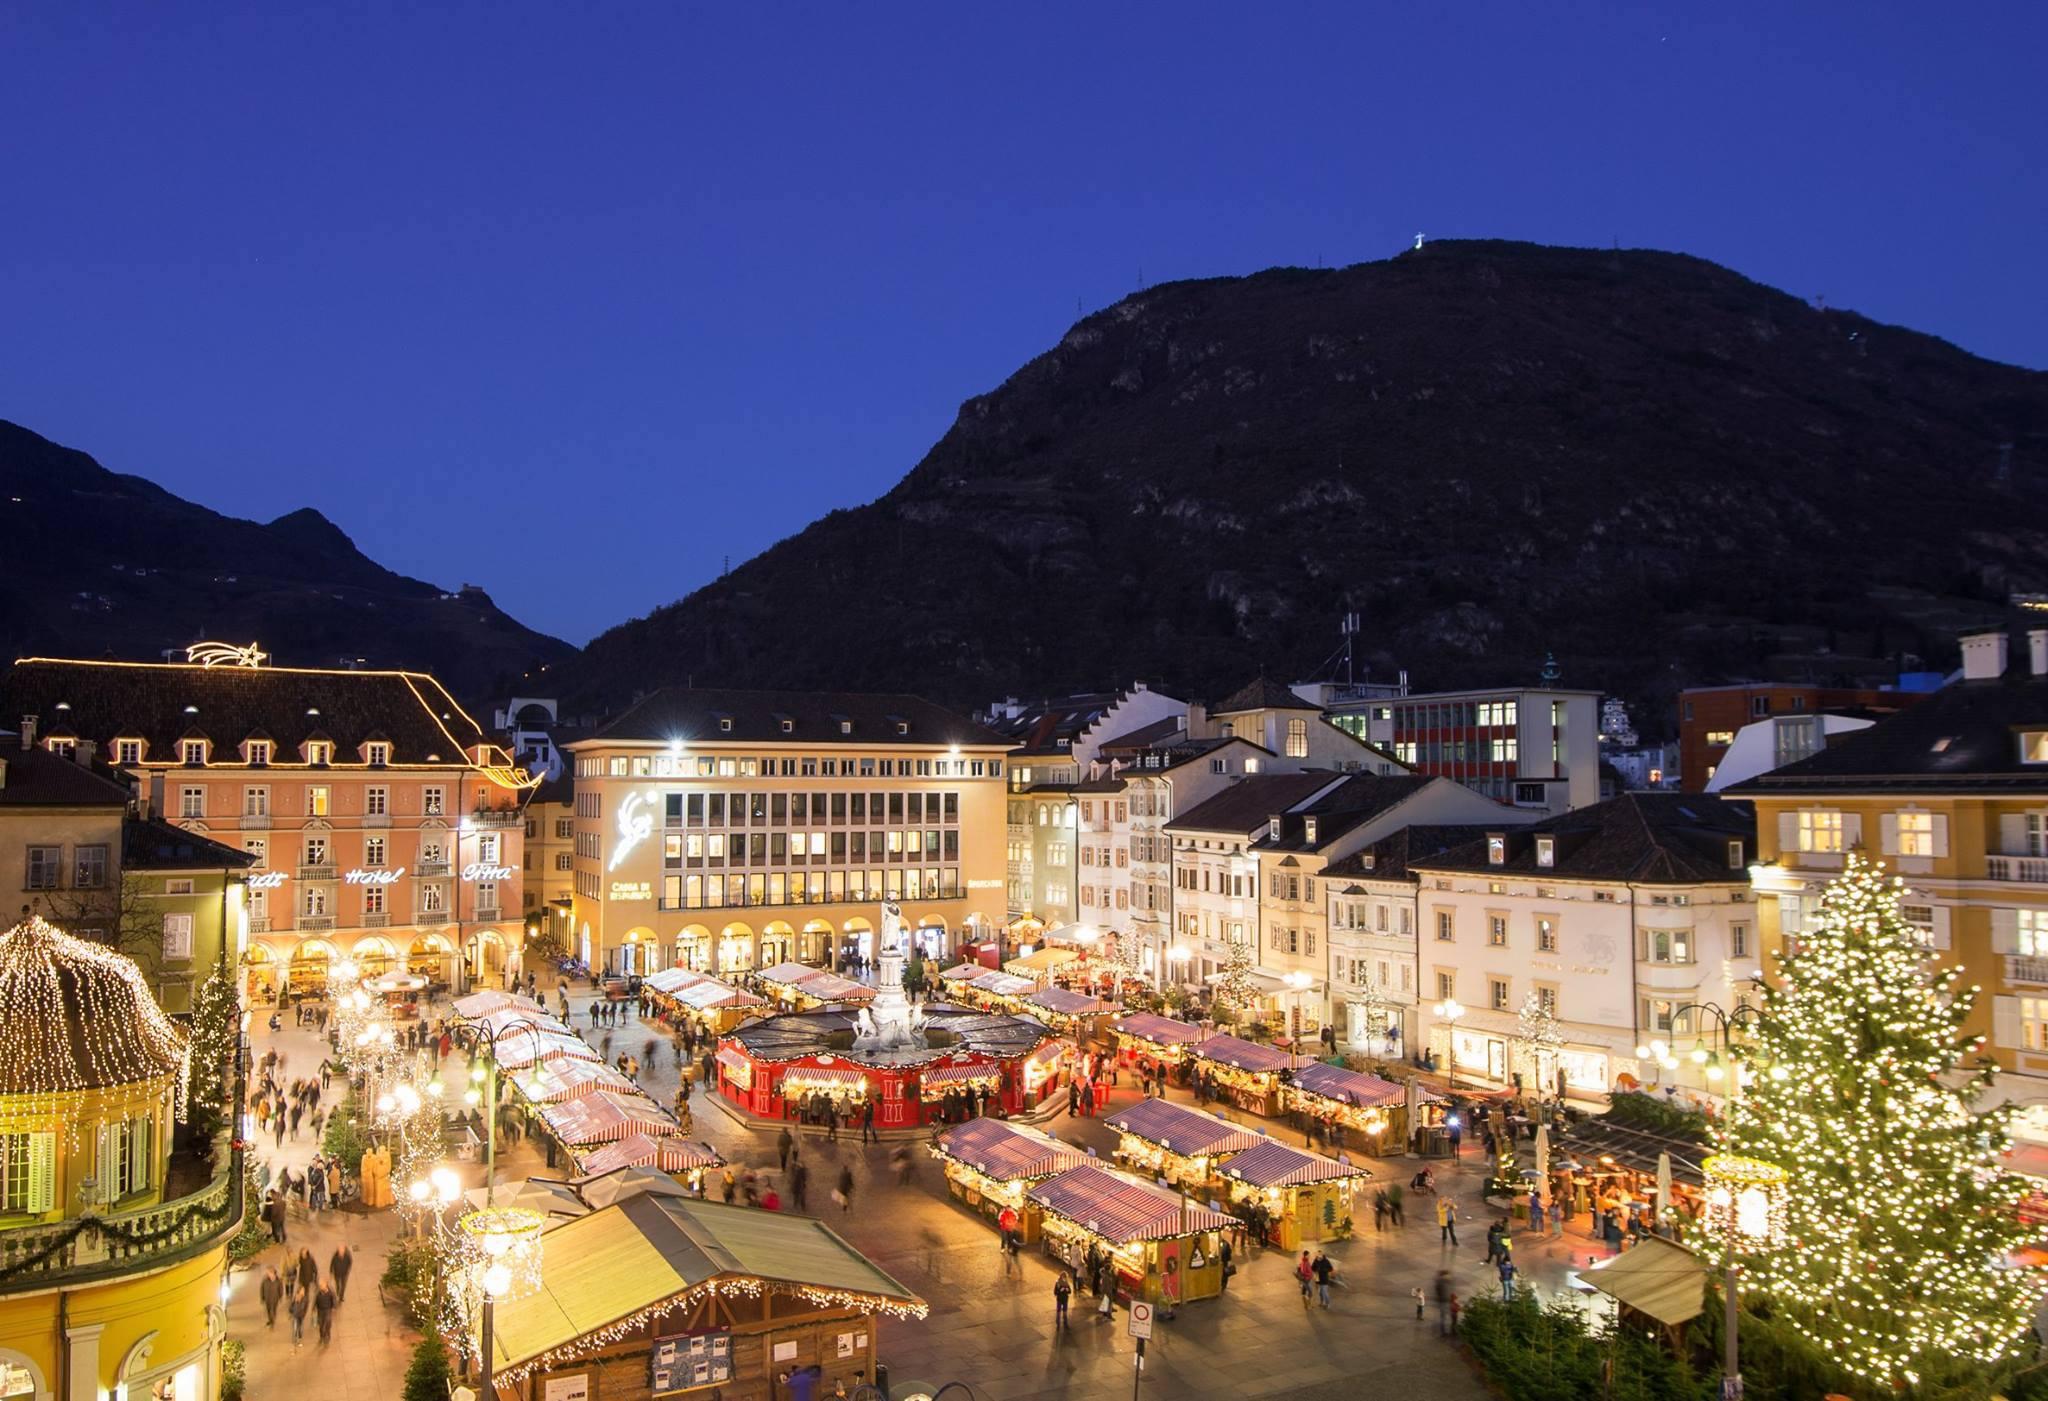 Mercatini Di Natale A Bolzano Foto.Bolzano Al Via Il Mercatino Di Natale In Piazza Walther